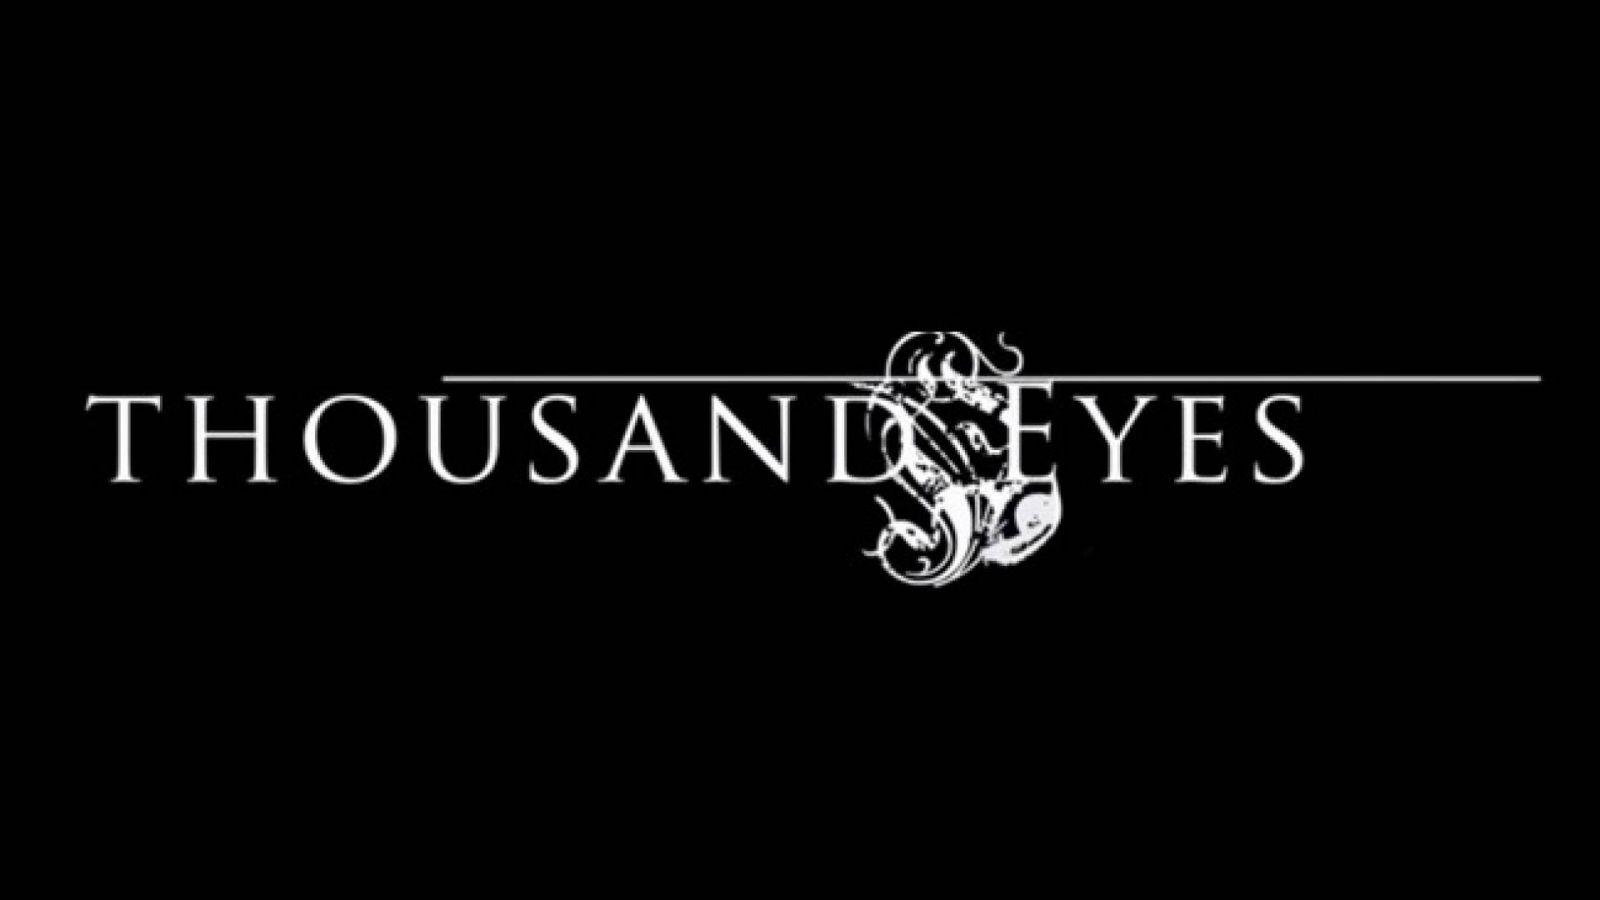 THOUSAND EYES © Thousand Eyes